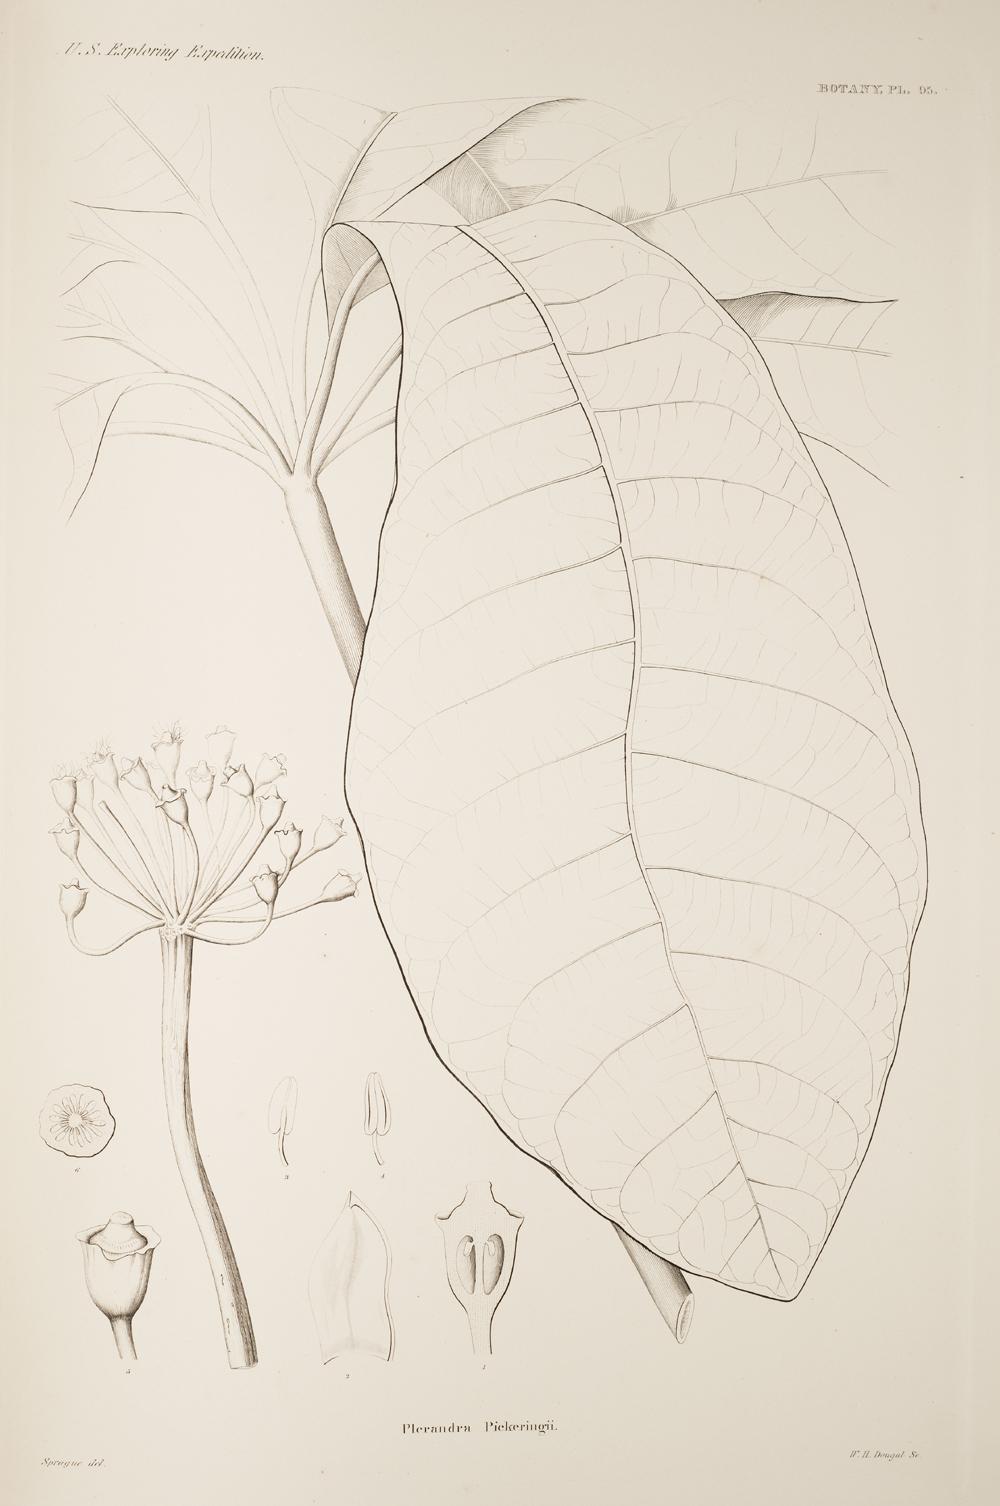 Botany, Pl. 95,  Image number:sil19-23-201b